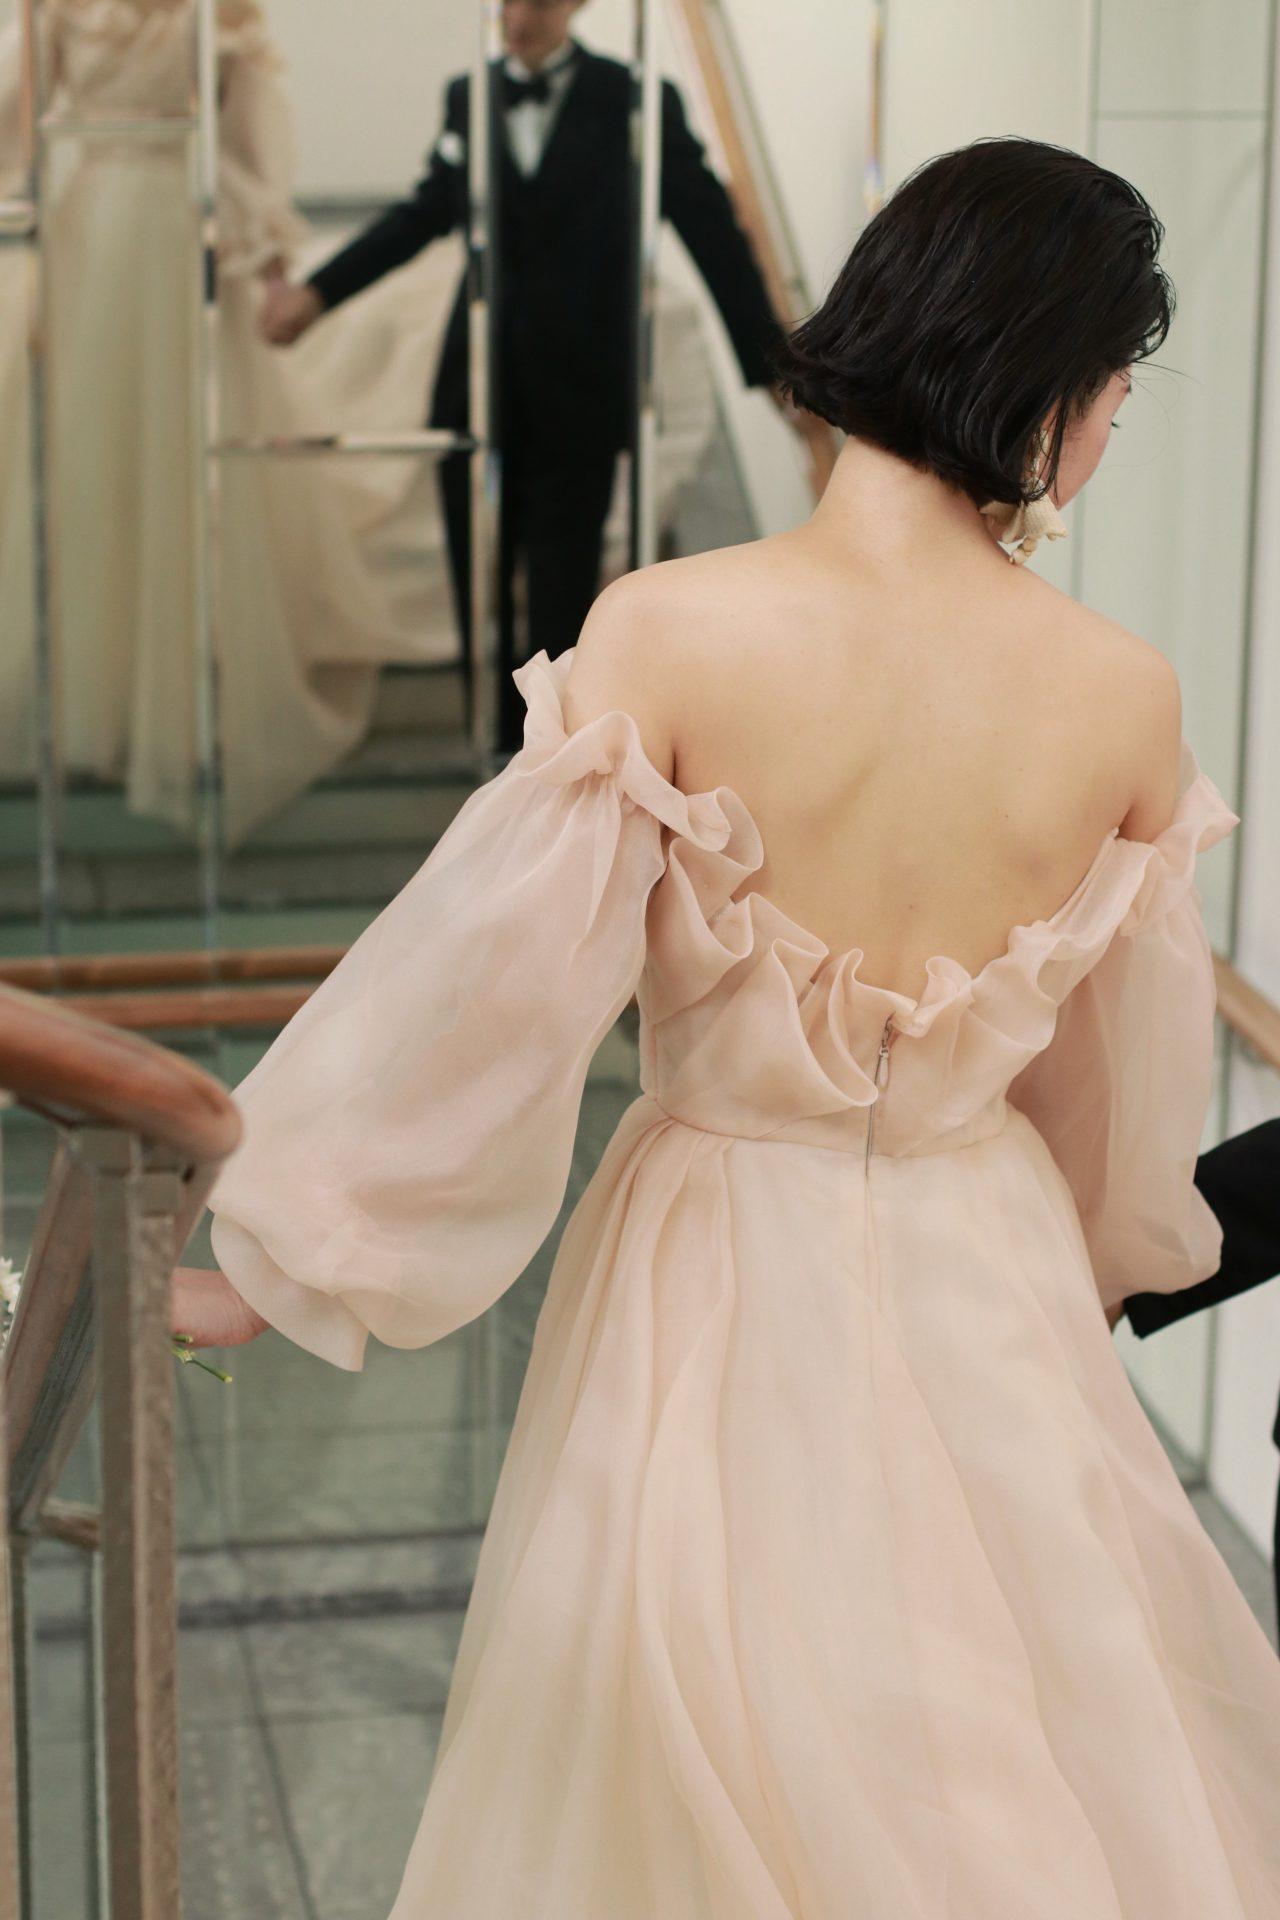 Monique Lhuillierより届いたオフショルダーのウェディングドレスは背中がVバックになり女性の身体を細く見せてくれます